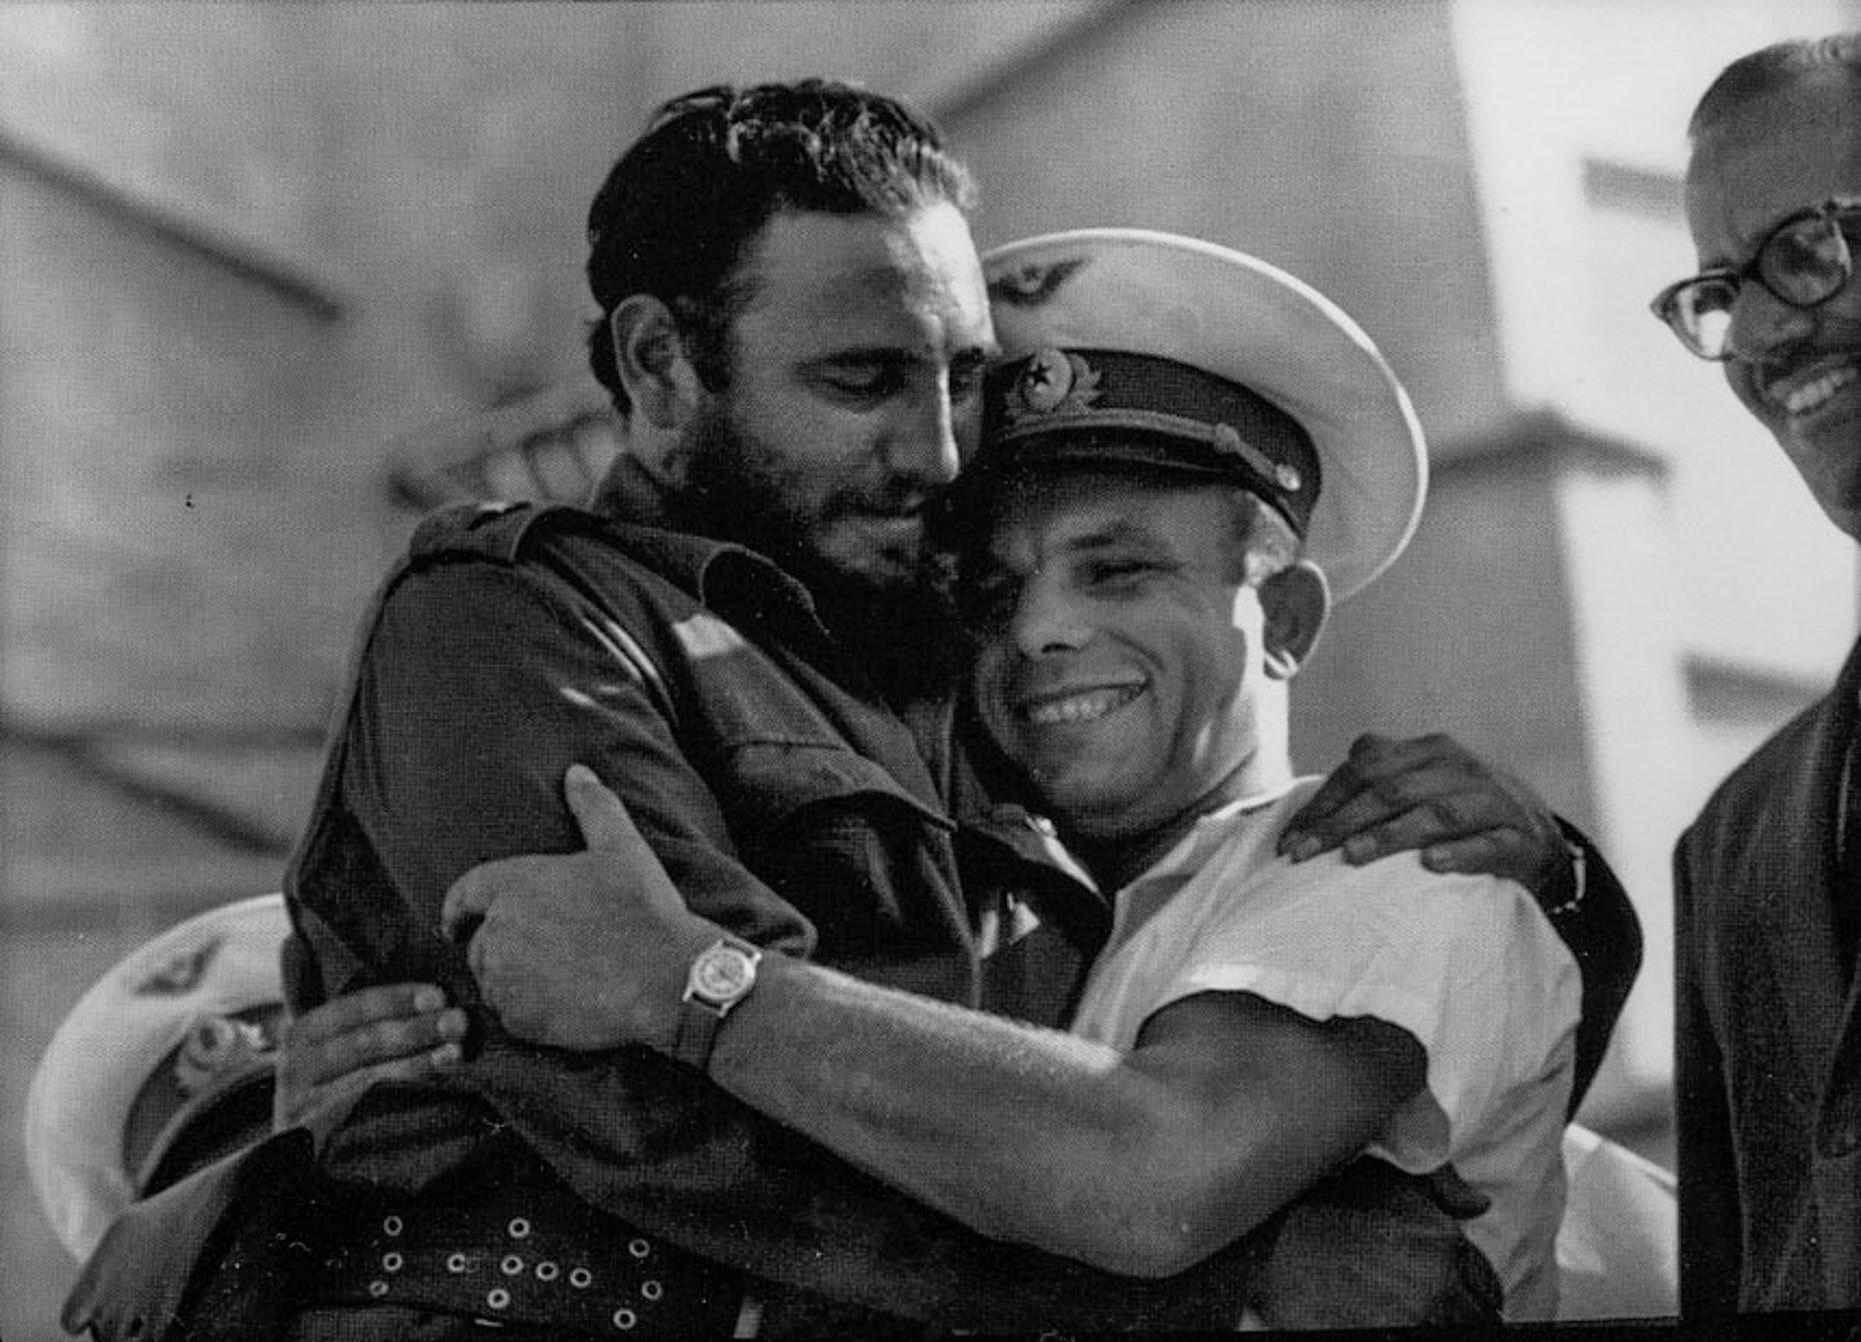 フィデル・カストロがユーリー・ガガーリンと会合する。1961年6月26日。